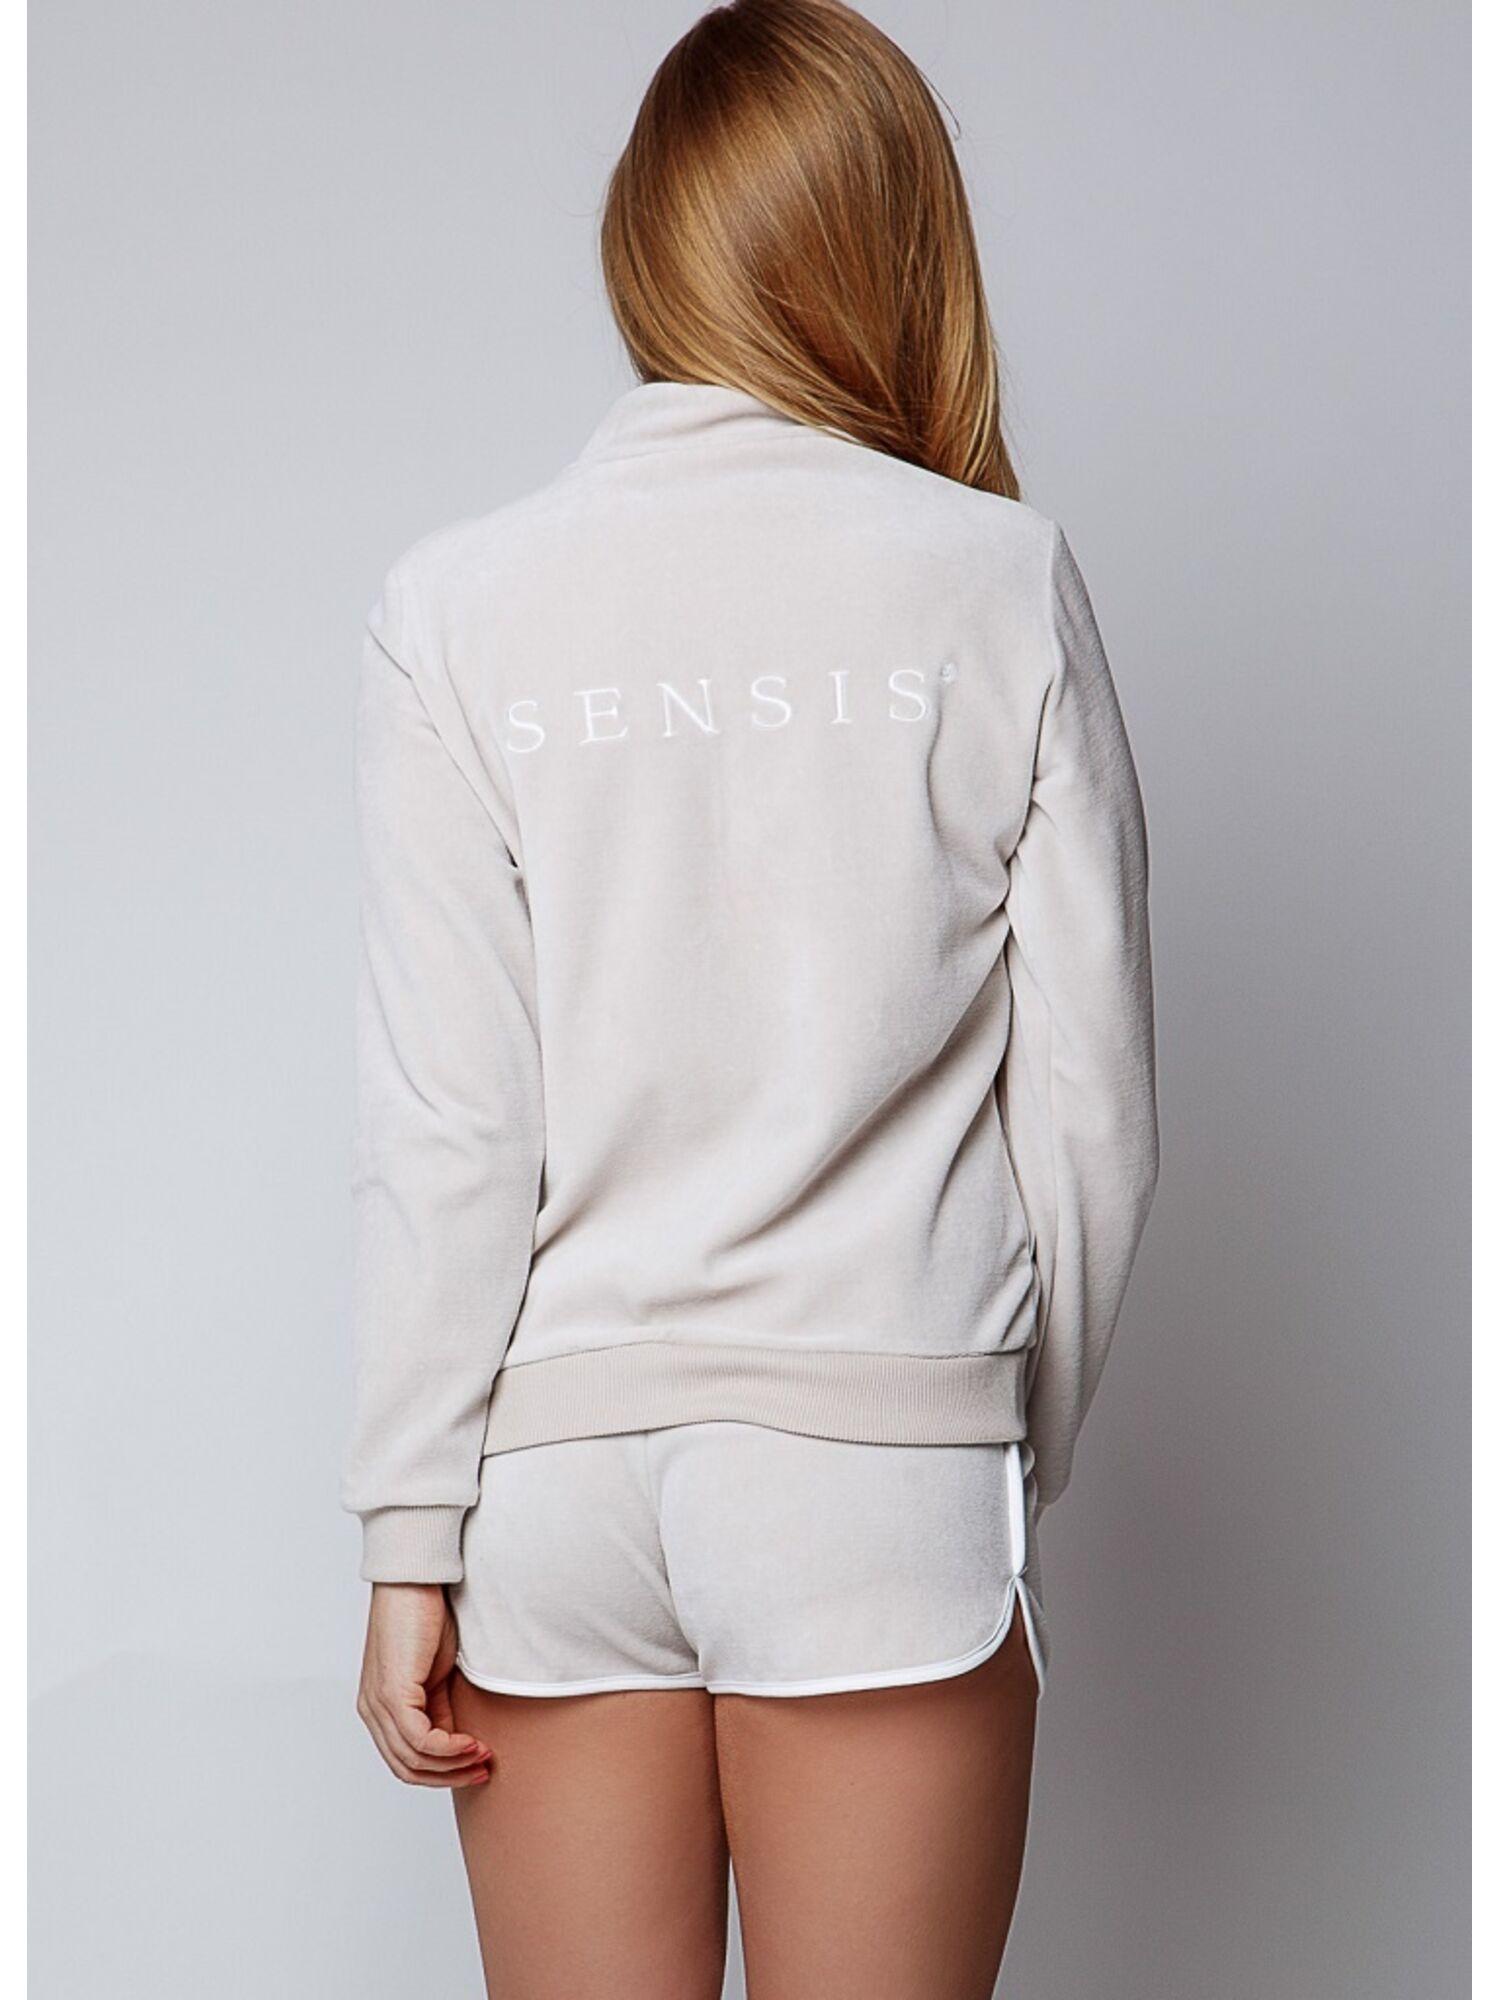 Комплект с шортами CLEMENCE